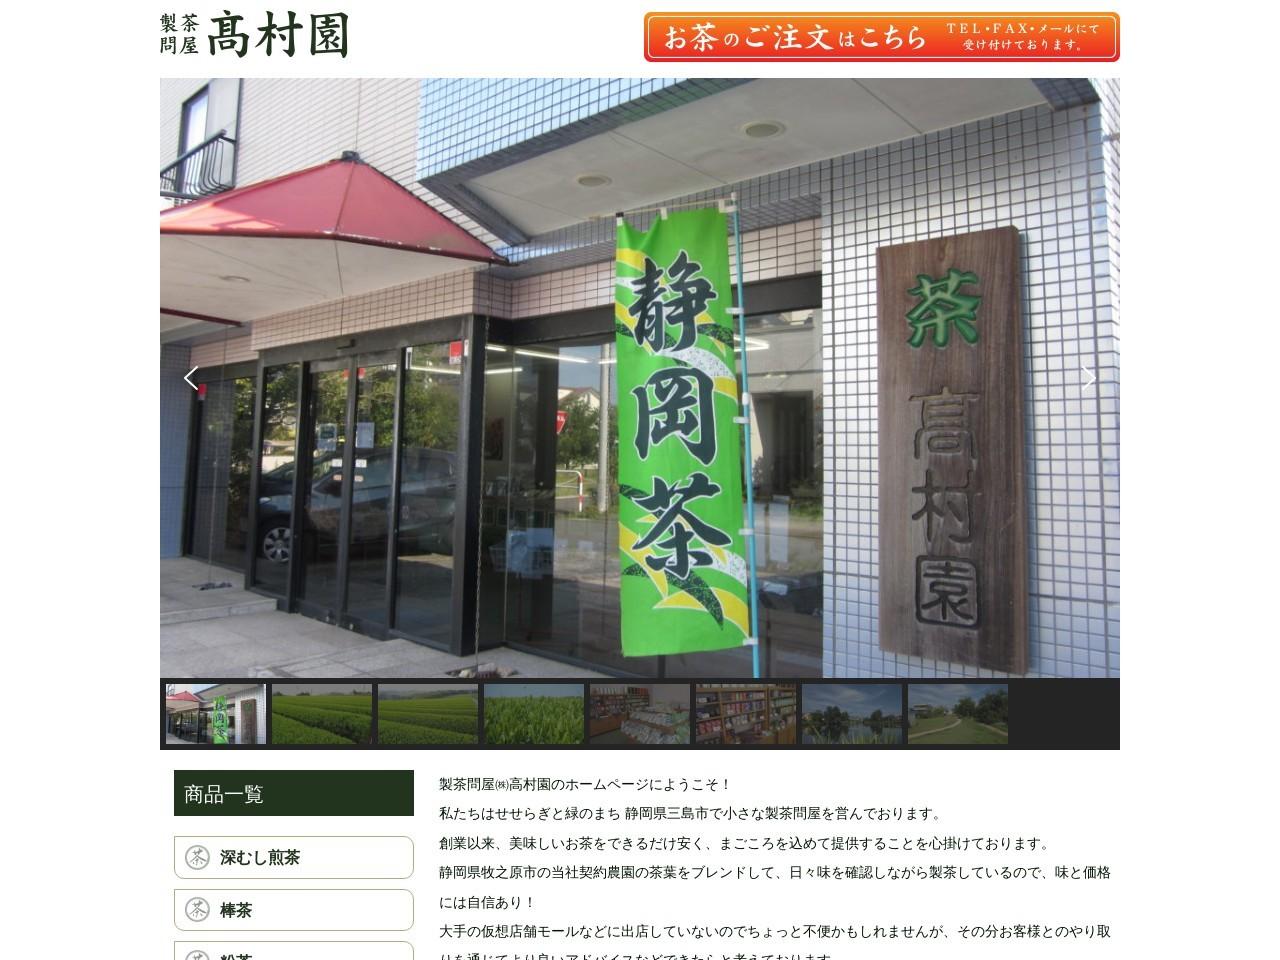 製茶問屋 高村園 - 静岡県三島市・お茶通販